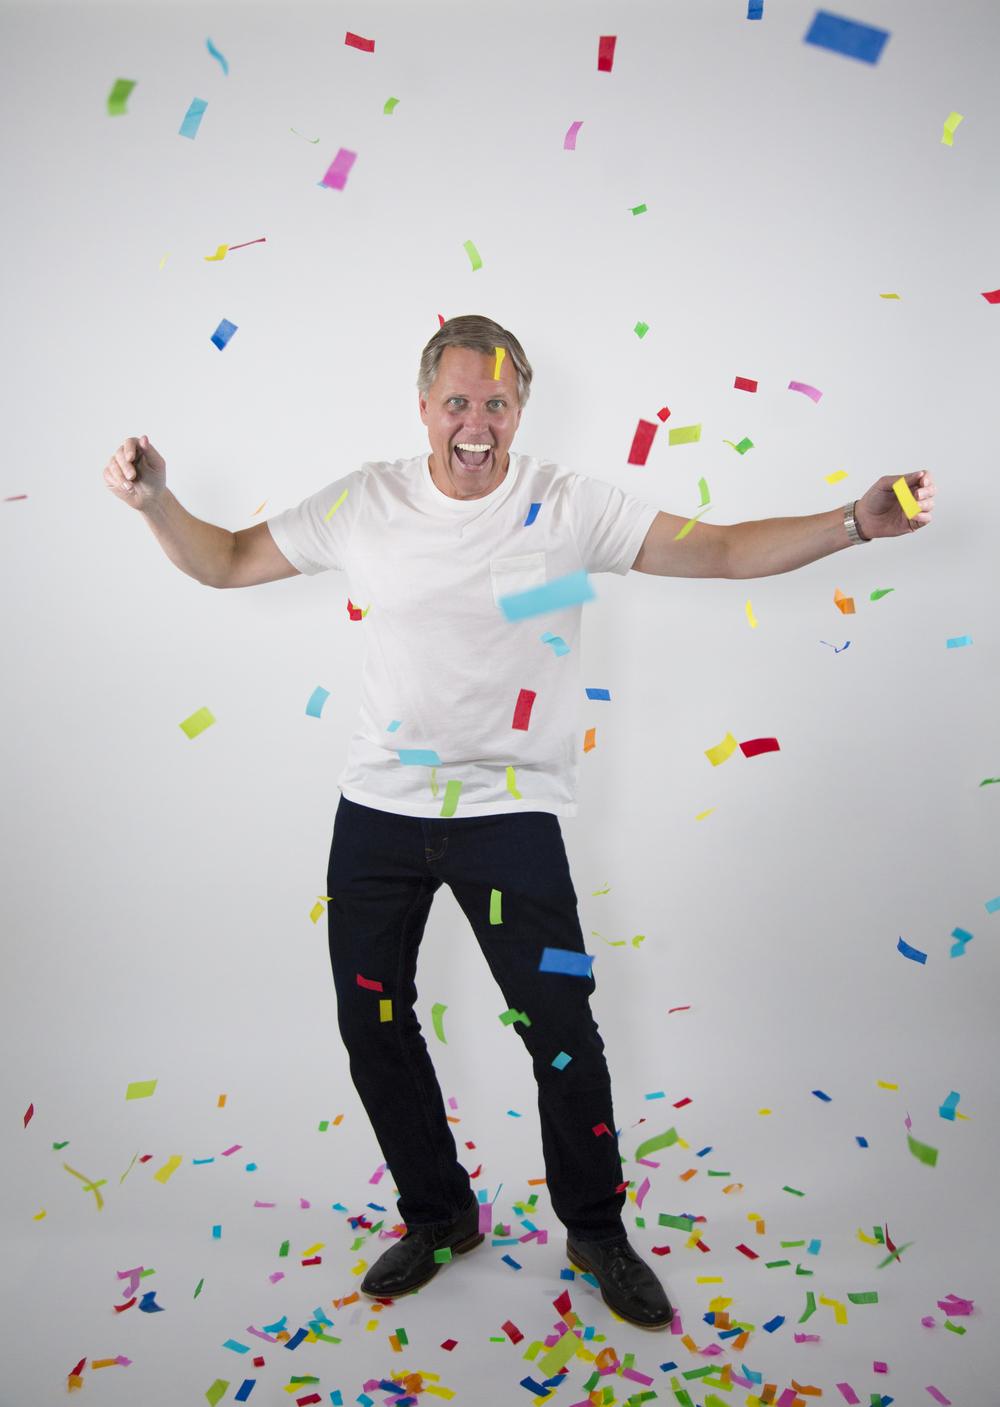 Pride_Confetti_Dan_Henkle.jpg